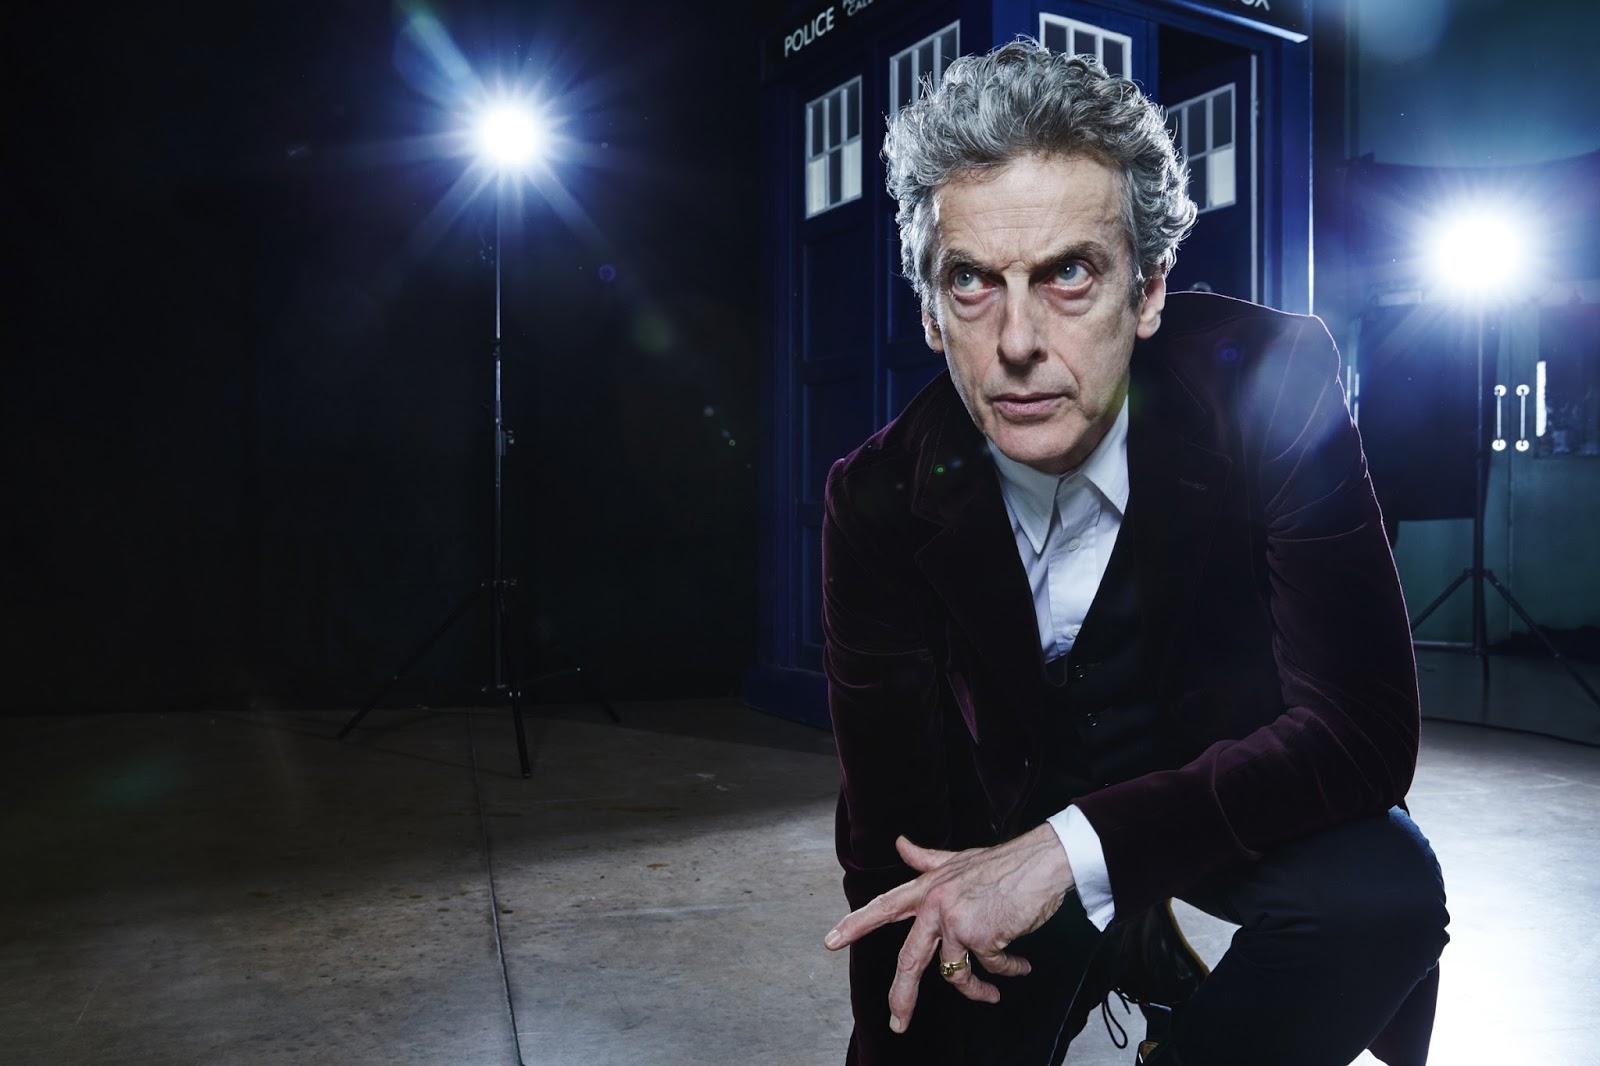 doctor who season 8 episode 12 ending a relationship